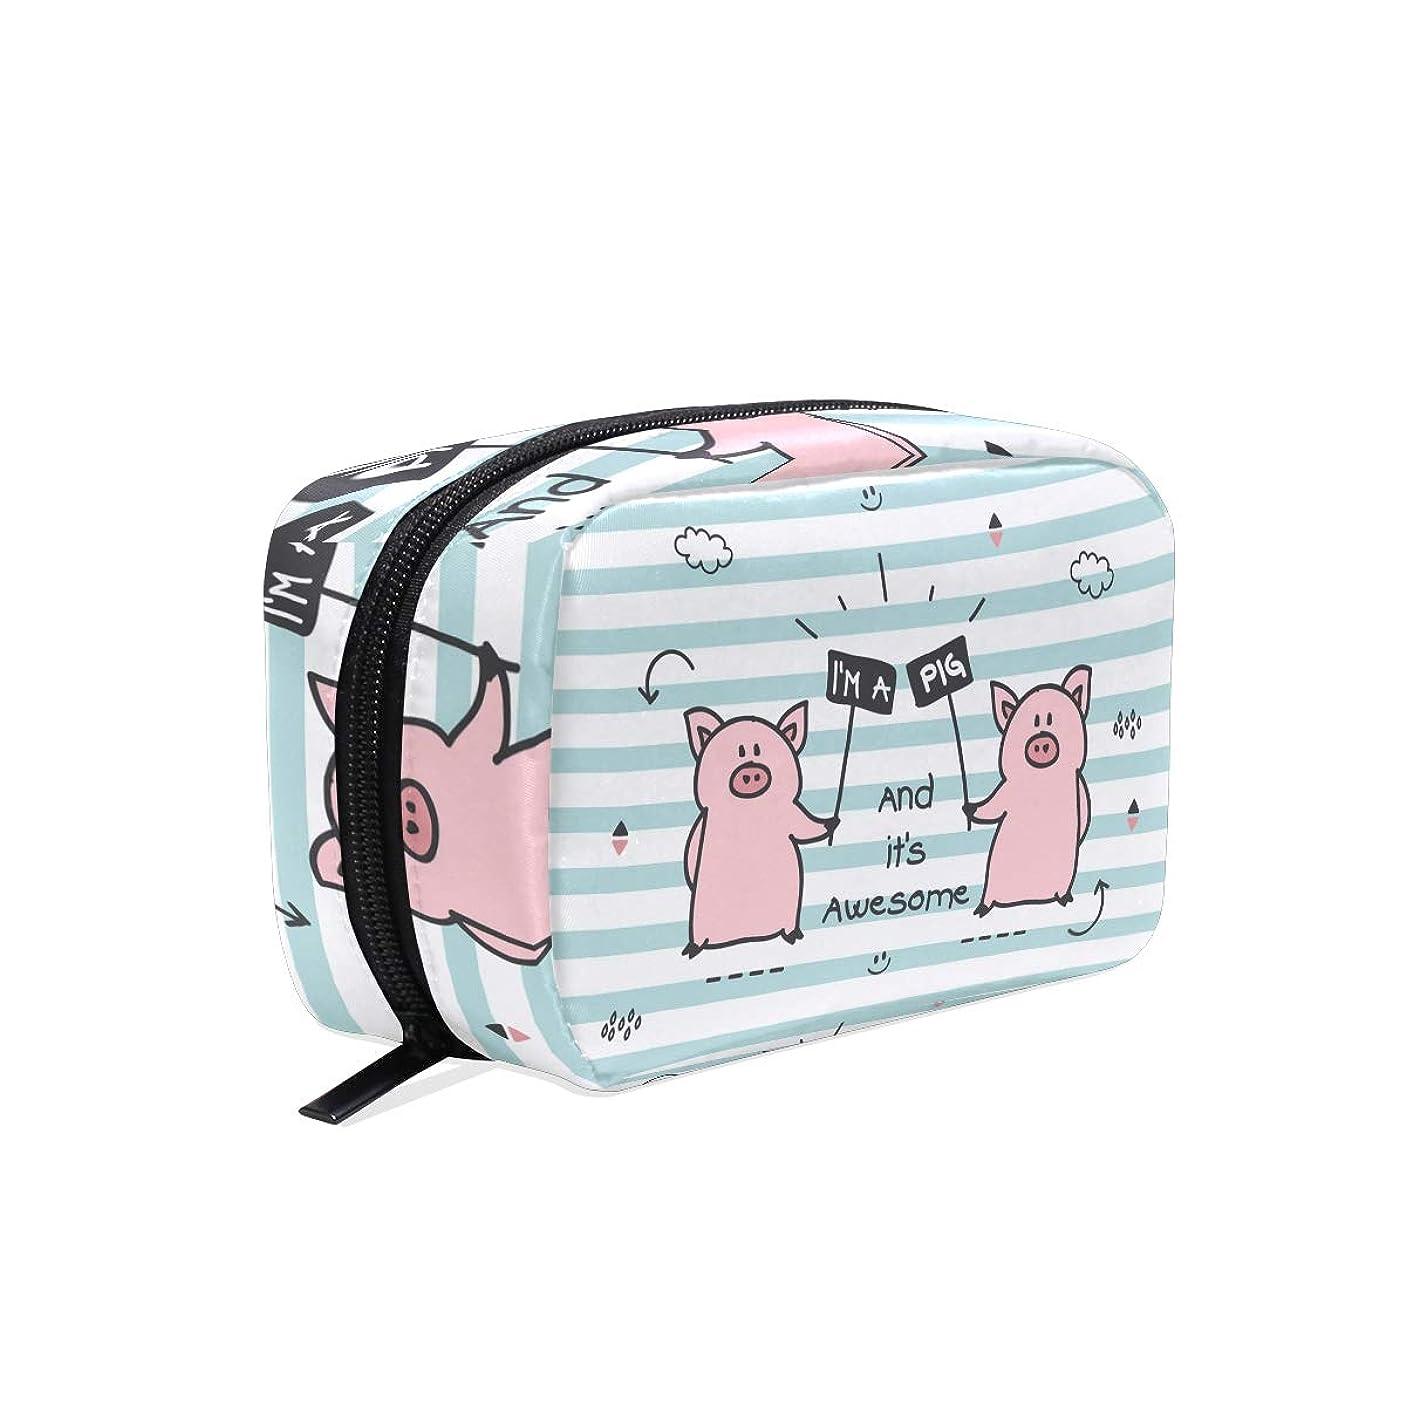 占めるフクロウスペイン語化粧品ポーチ 豚 かわいい 仕切り付き 大容量 機能性 軽量 人気 収納バッグ  レディース トラベル 雑貨 小物入れ 防水 ストレージポーチ 携帯便利 日用品 旅行 出張用 メイクポーチ